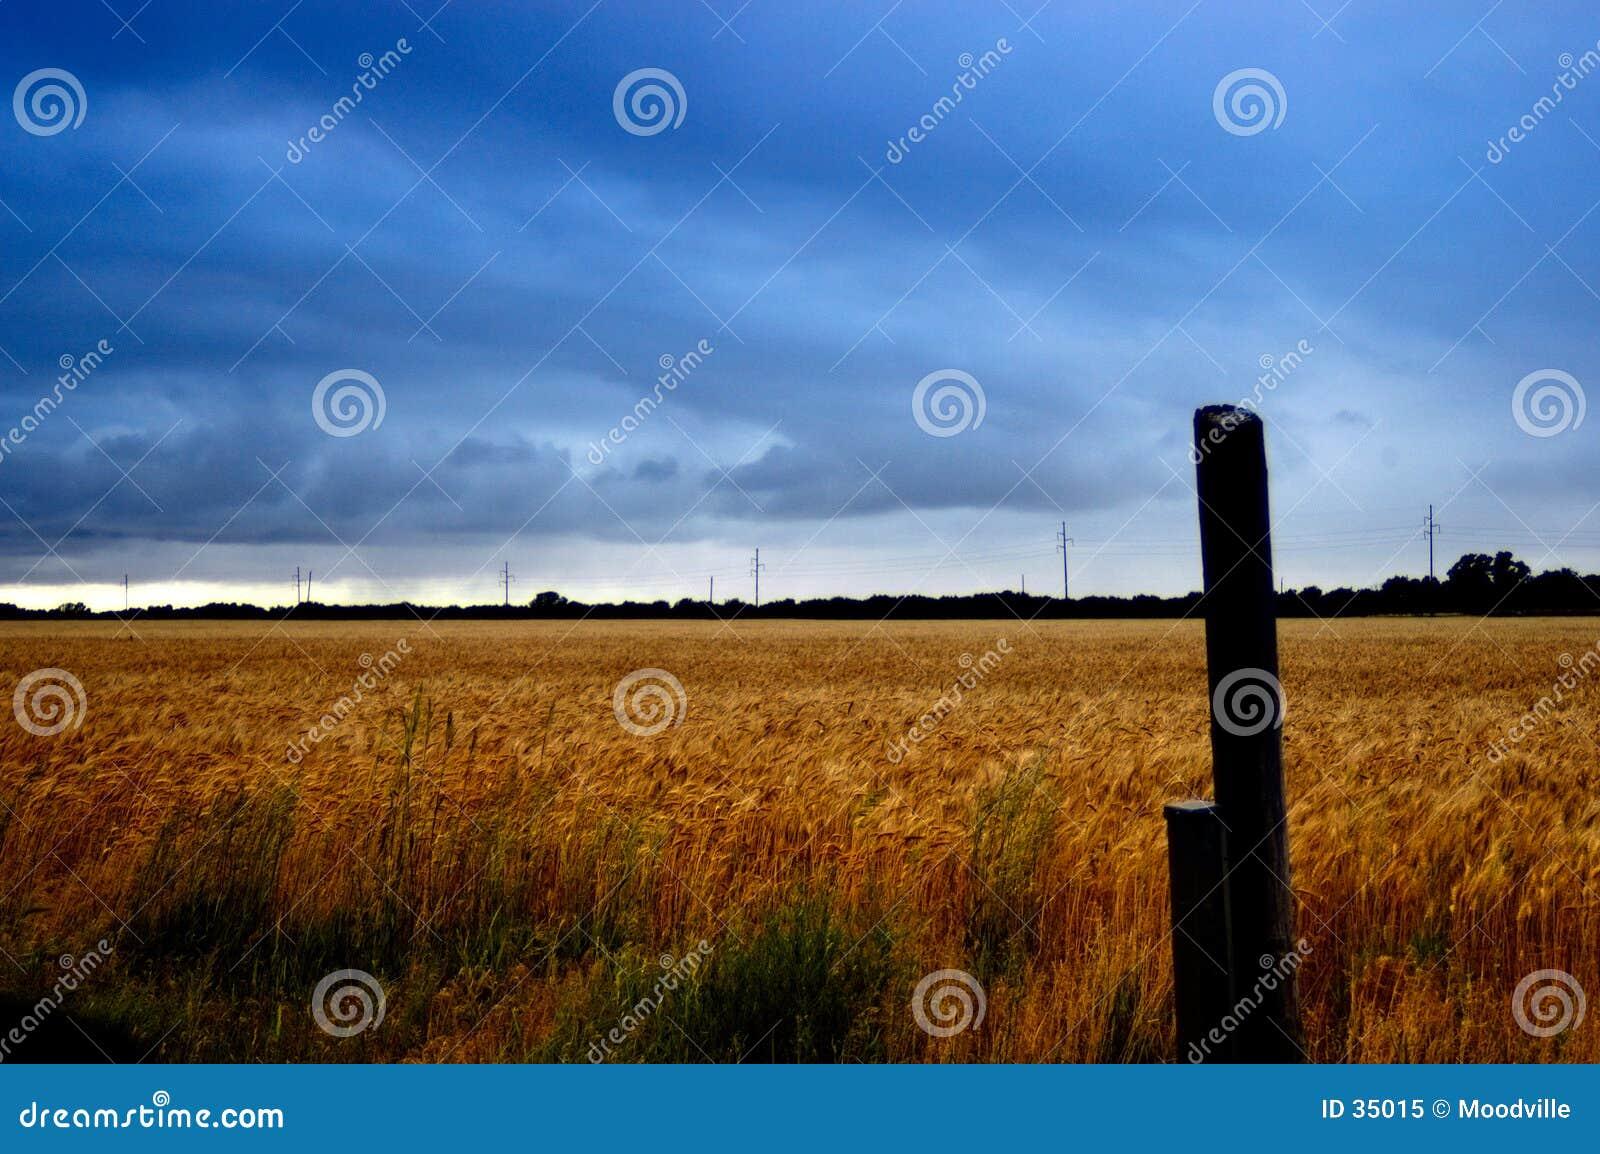 Stürmisches Weizen-Feld